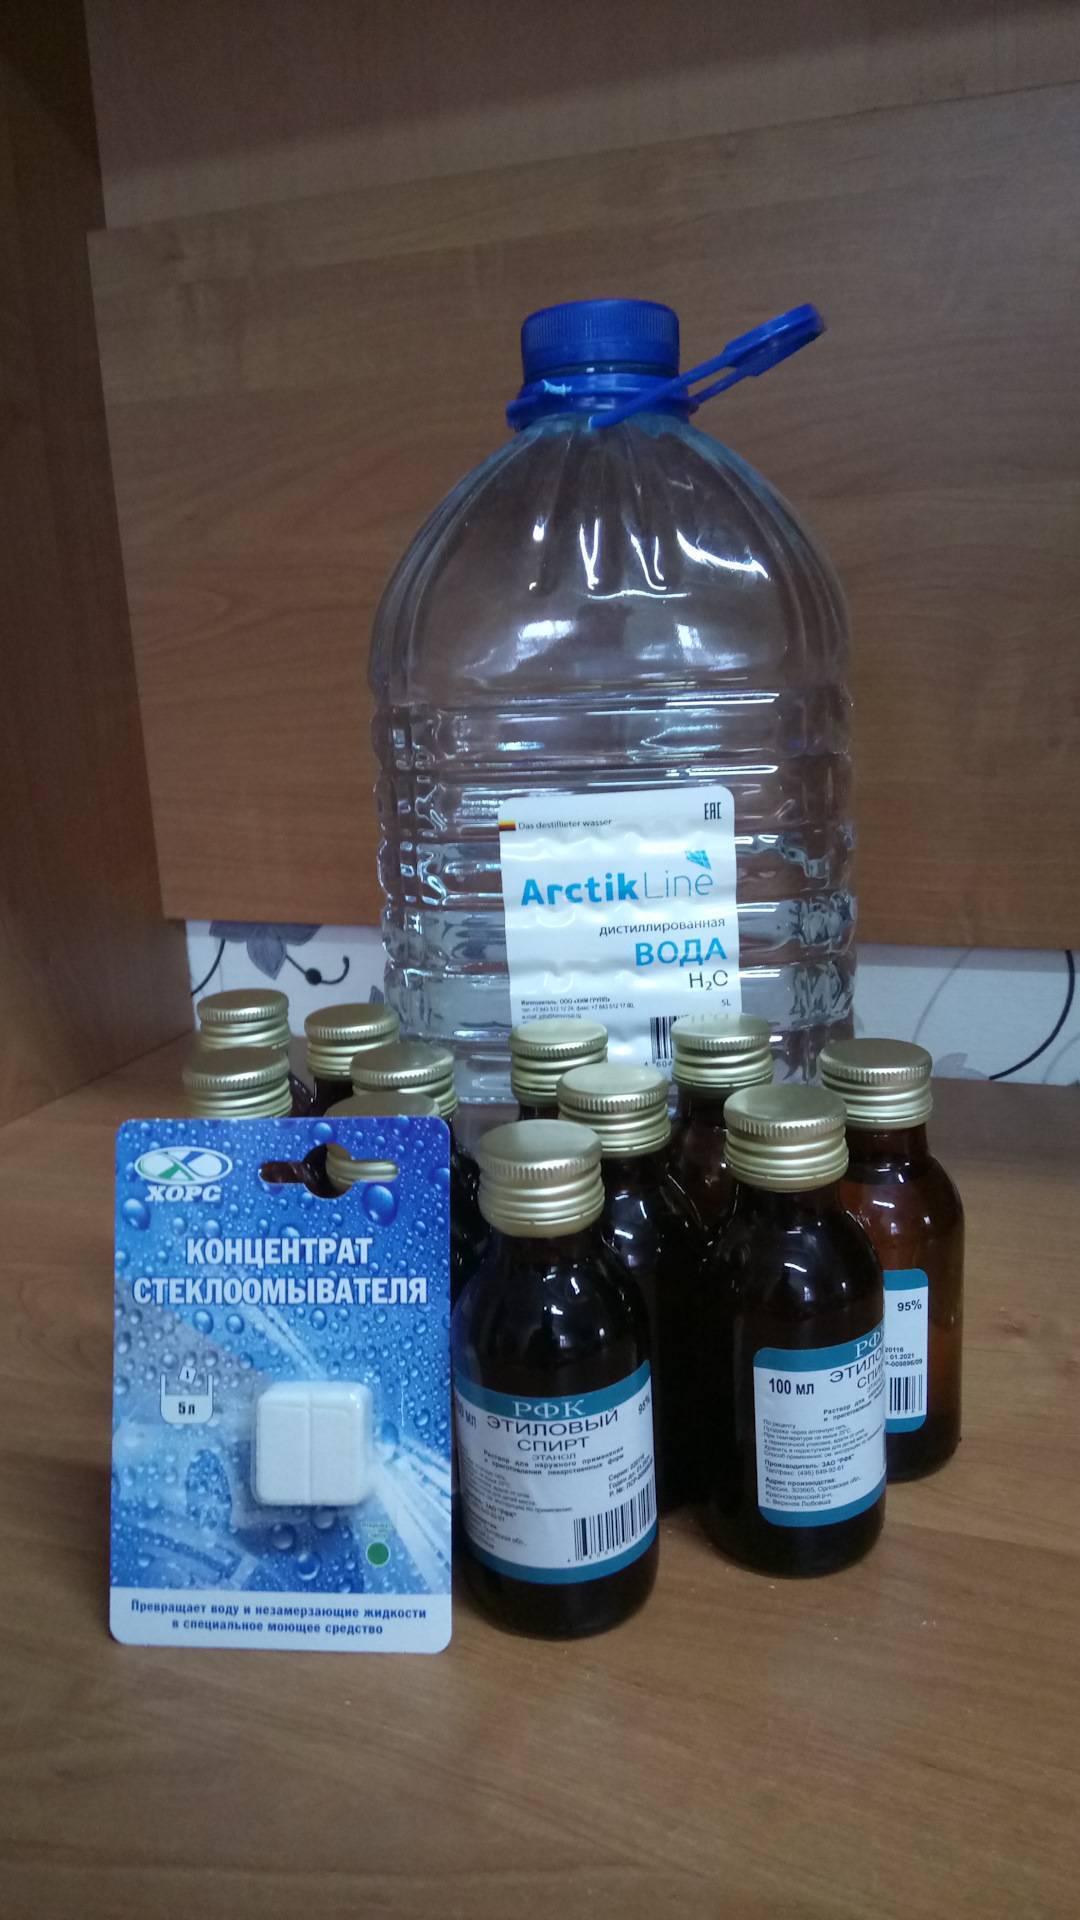 Спирт этиловый рецепт приготовления в домашних условиях